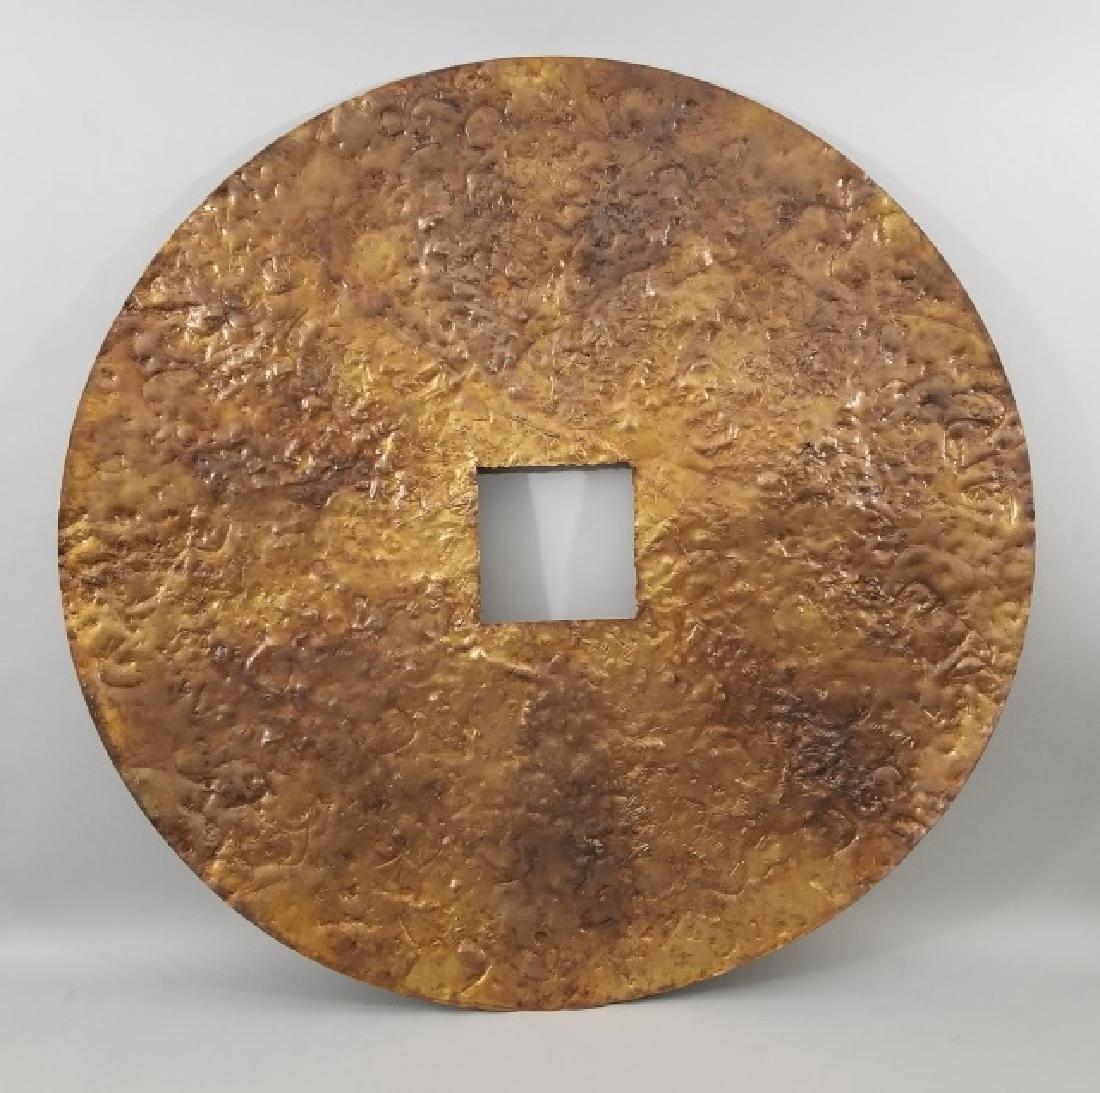 Clodagh Beaten Copper Wall Mount Bi Disk Art